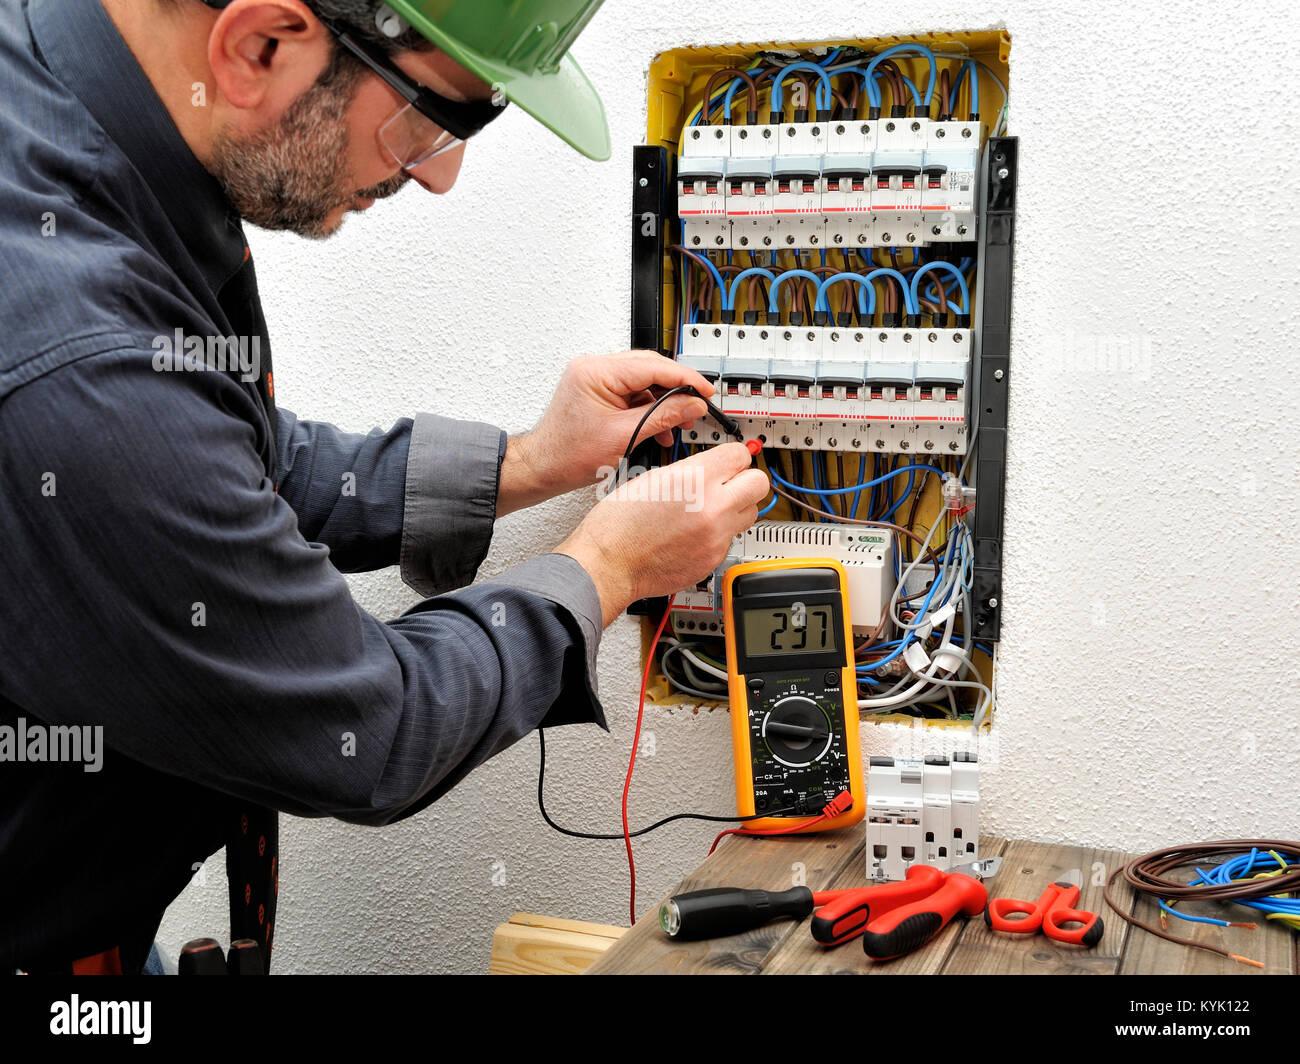 Electricien technique mesure la tension d'un disjoncteur d'un panneau électrique résidentiel Photo Stock